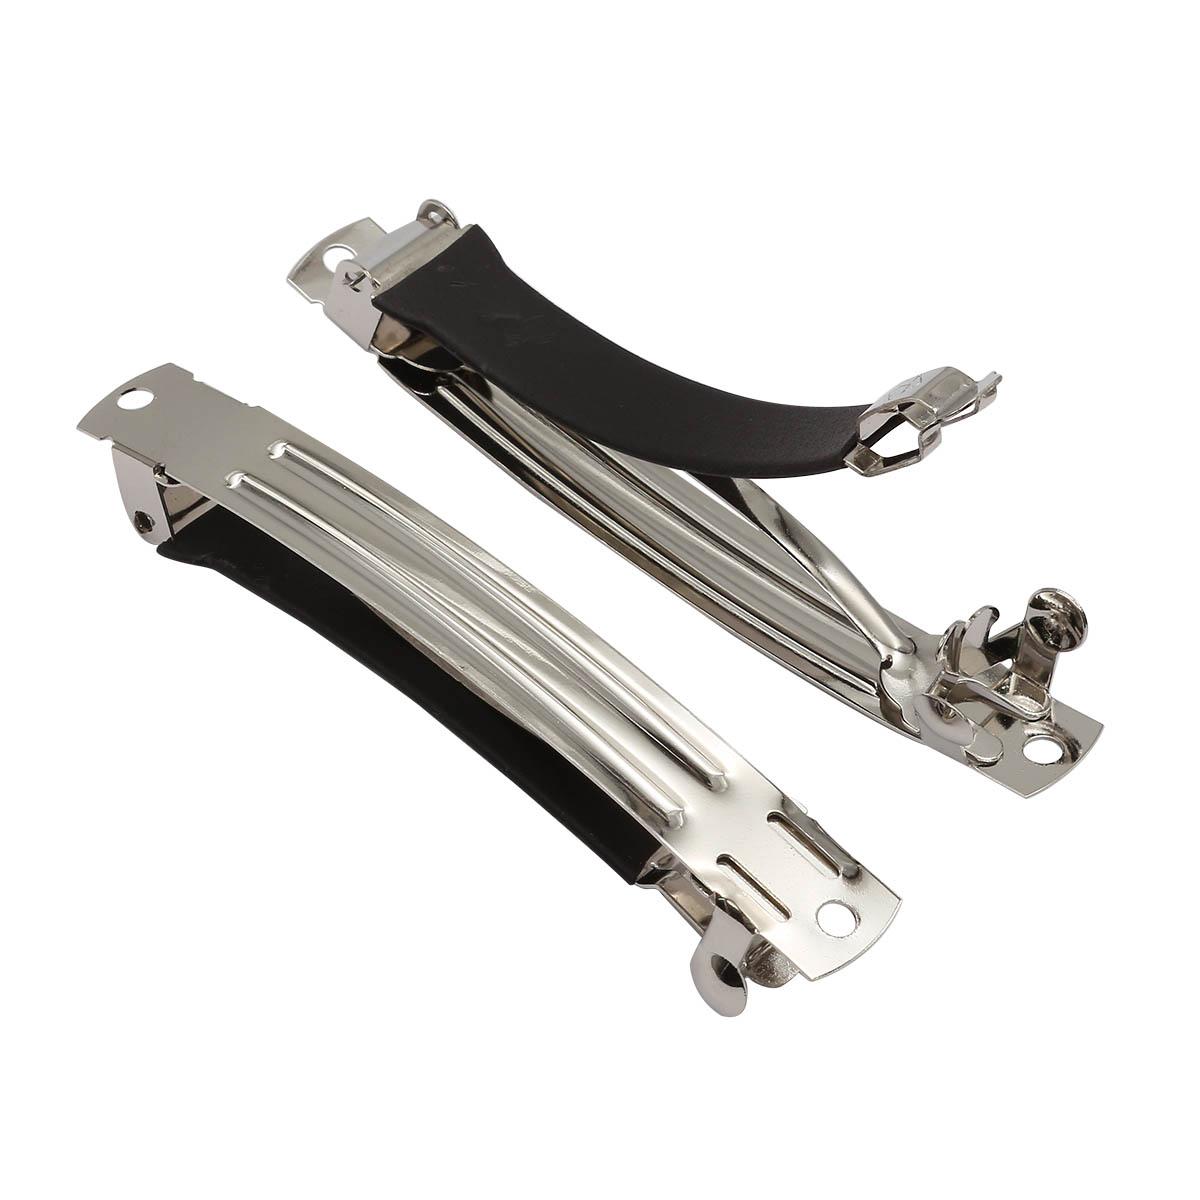 4AR098 Основа для заколки-автомат, металл/силикон, 8см, 2 шт/упак, Астра